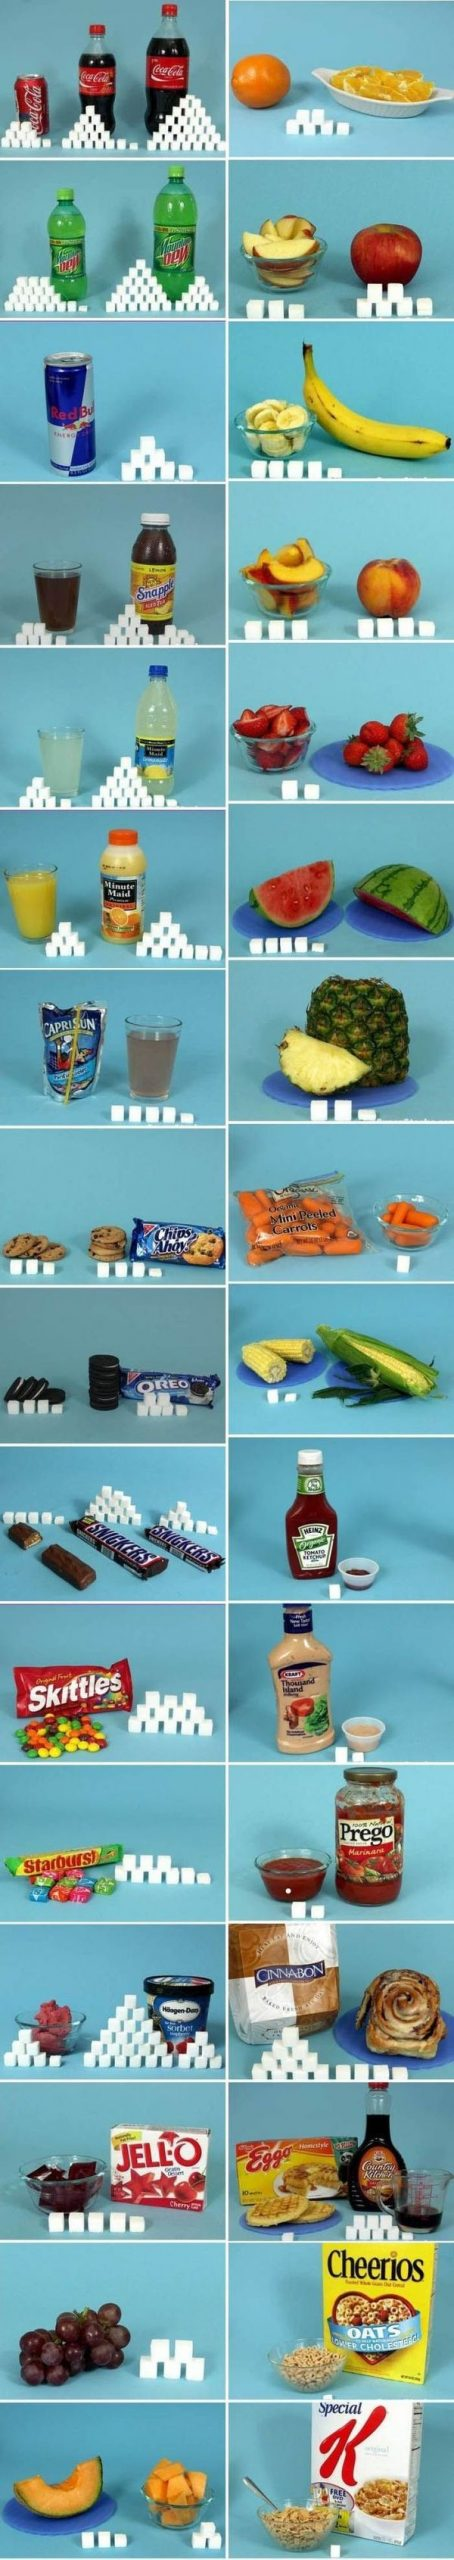 Die 30 Besten Bilder Zu Zucker   Zucker, Lebensmittel Ohne bei Würfelzucker In Lebensmitteln Grundschule